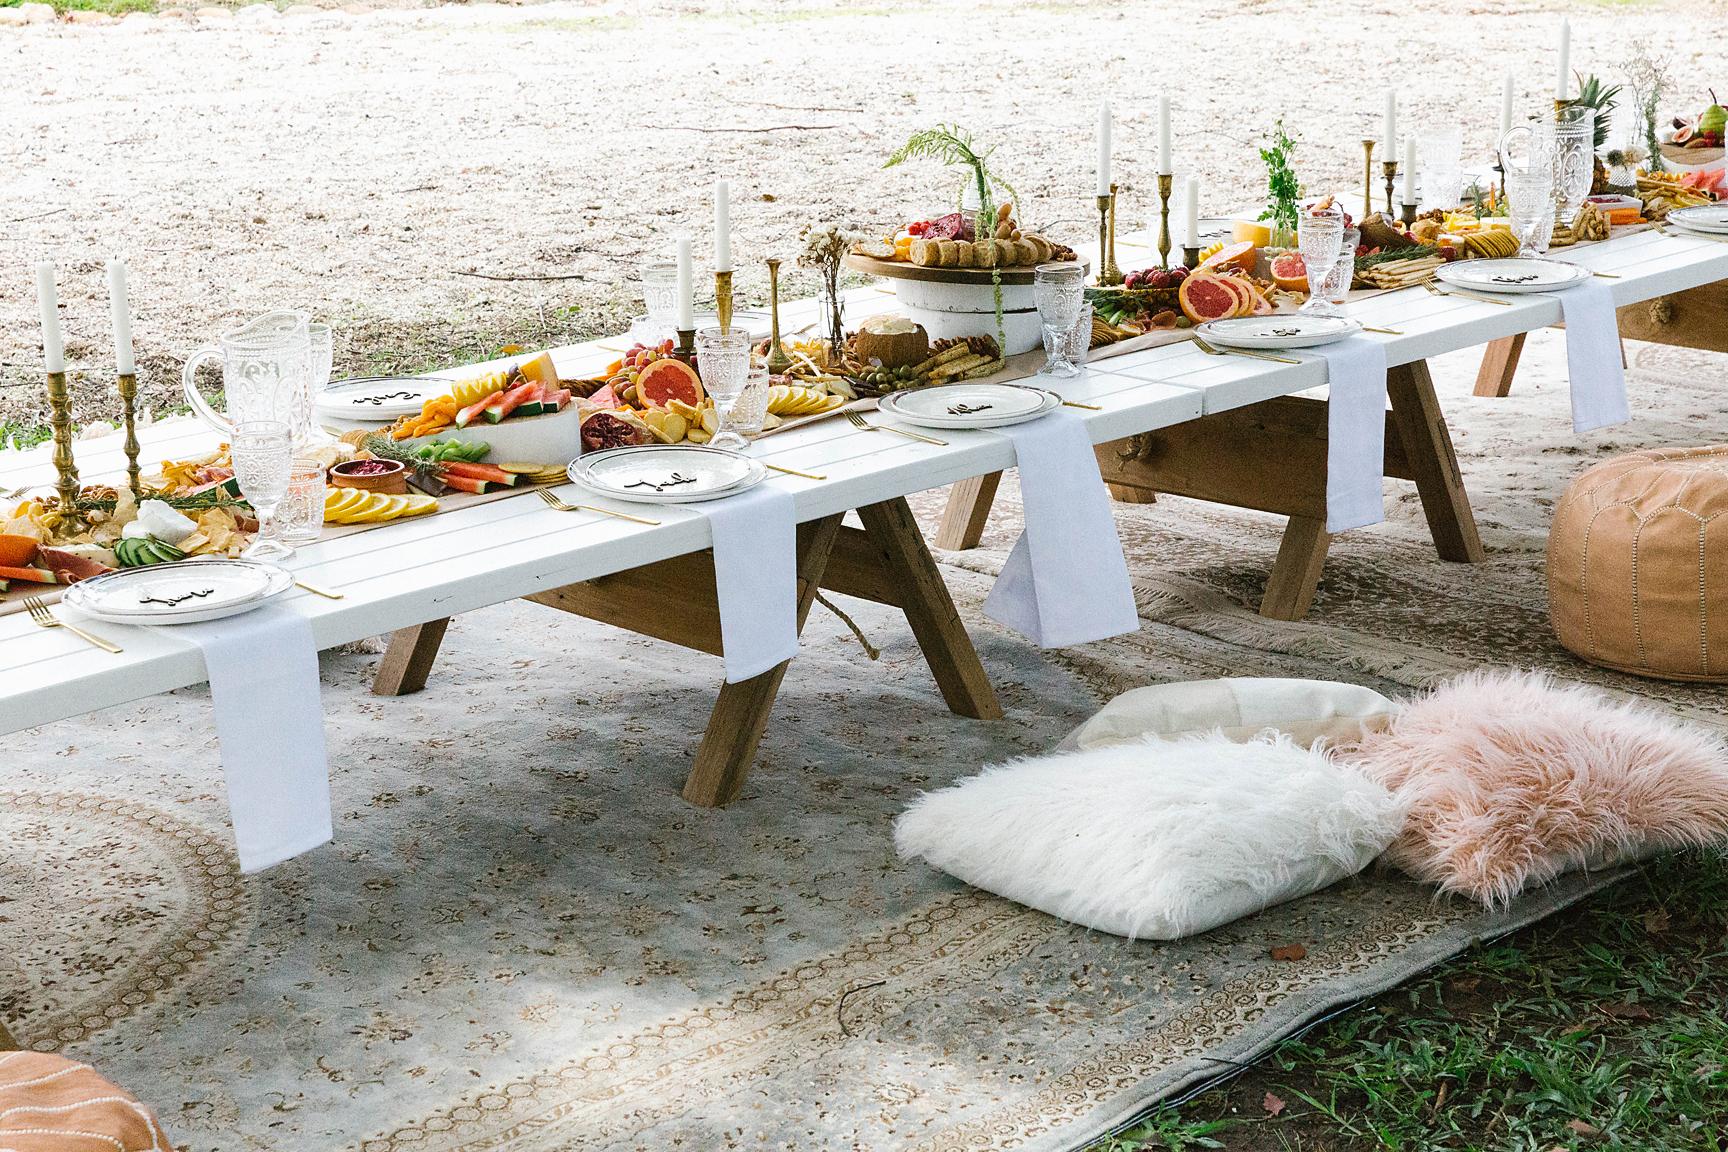 To book your Wedding Picnic drop us a line clickpicnic.info@gmail.com